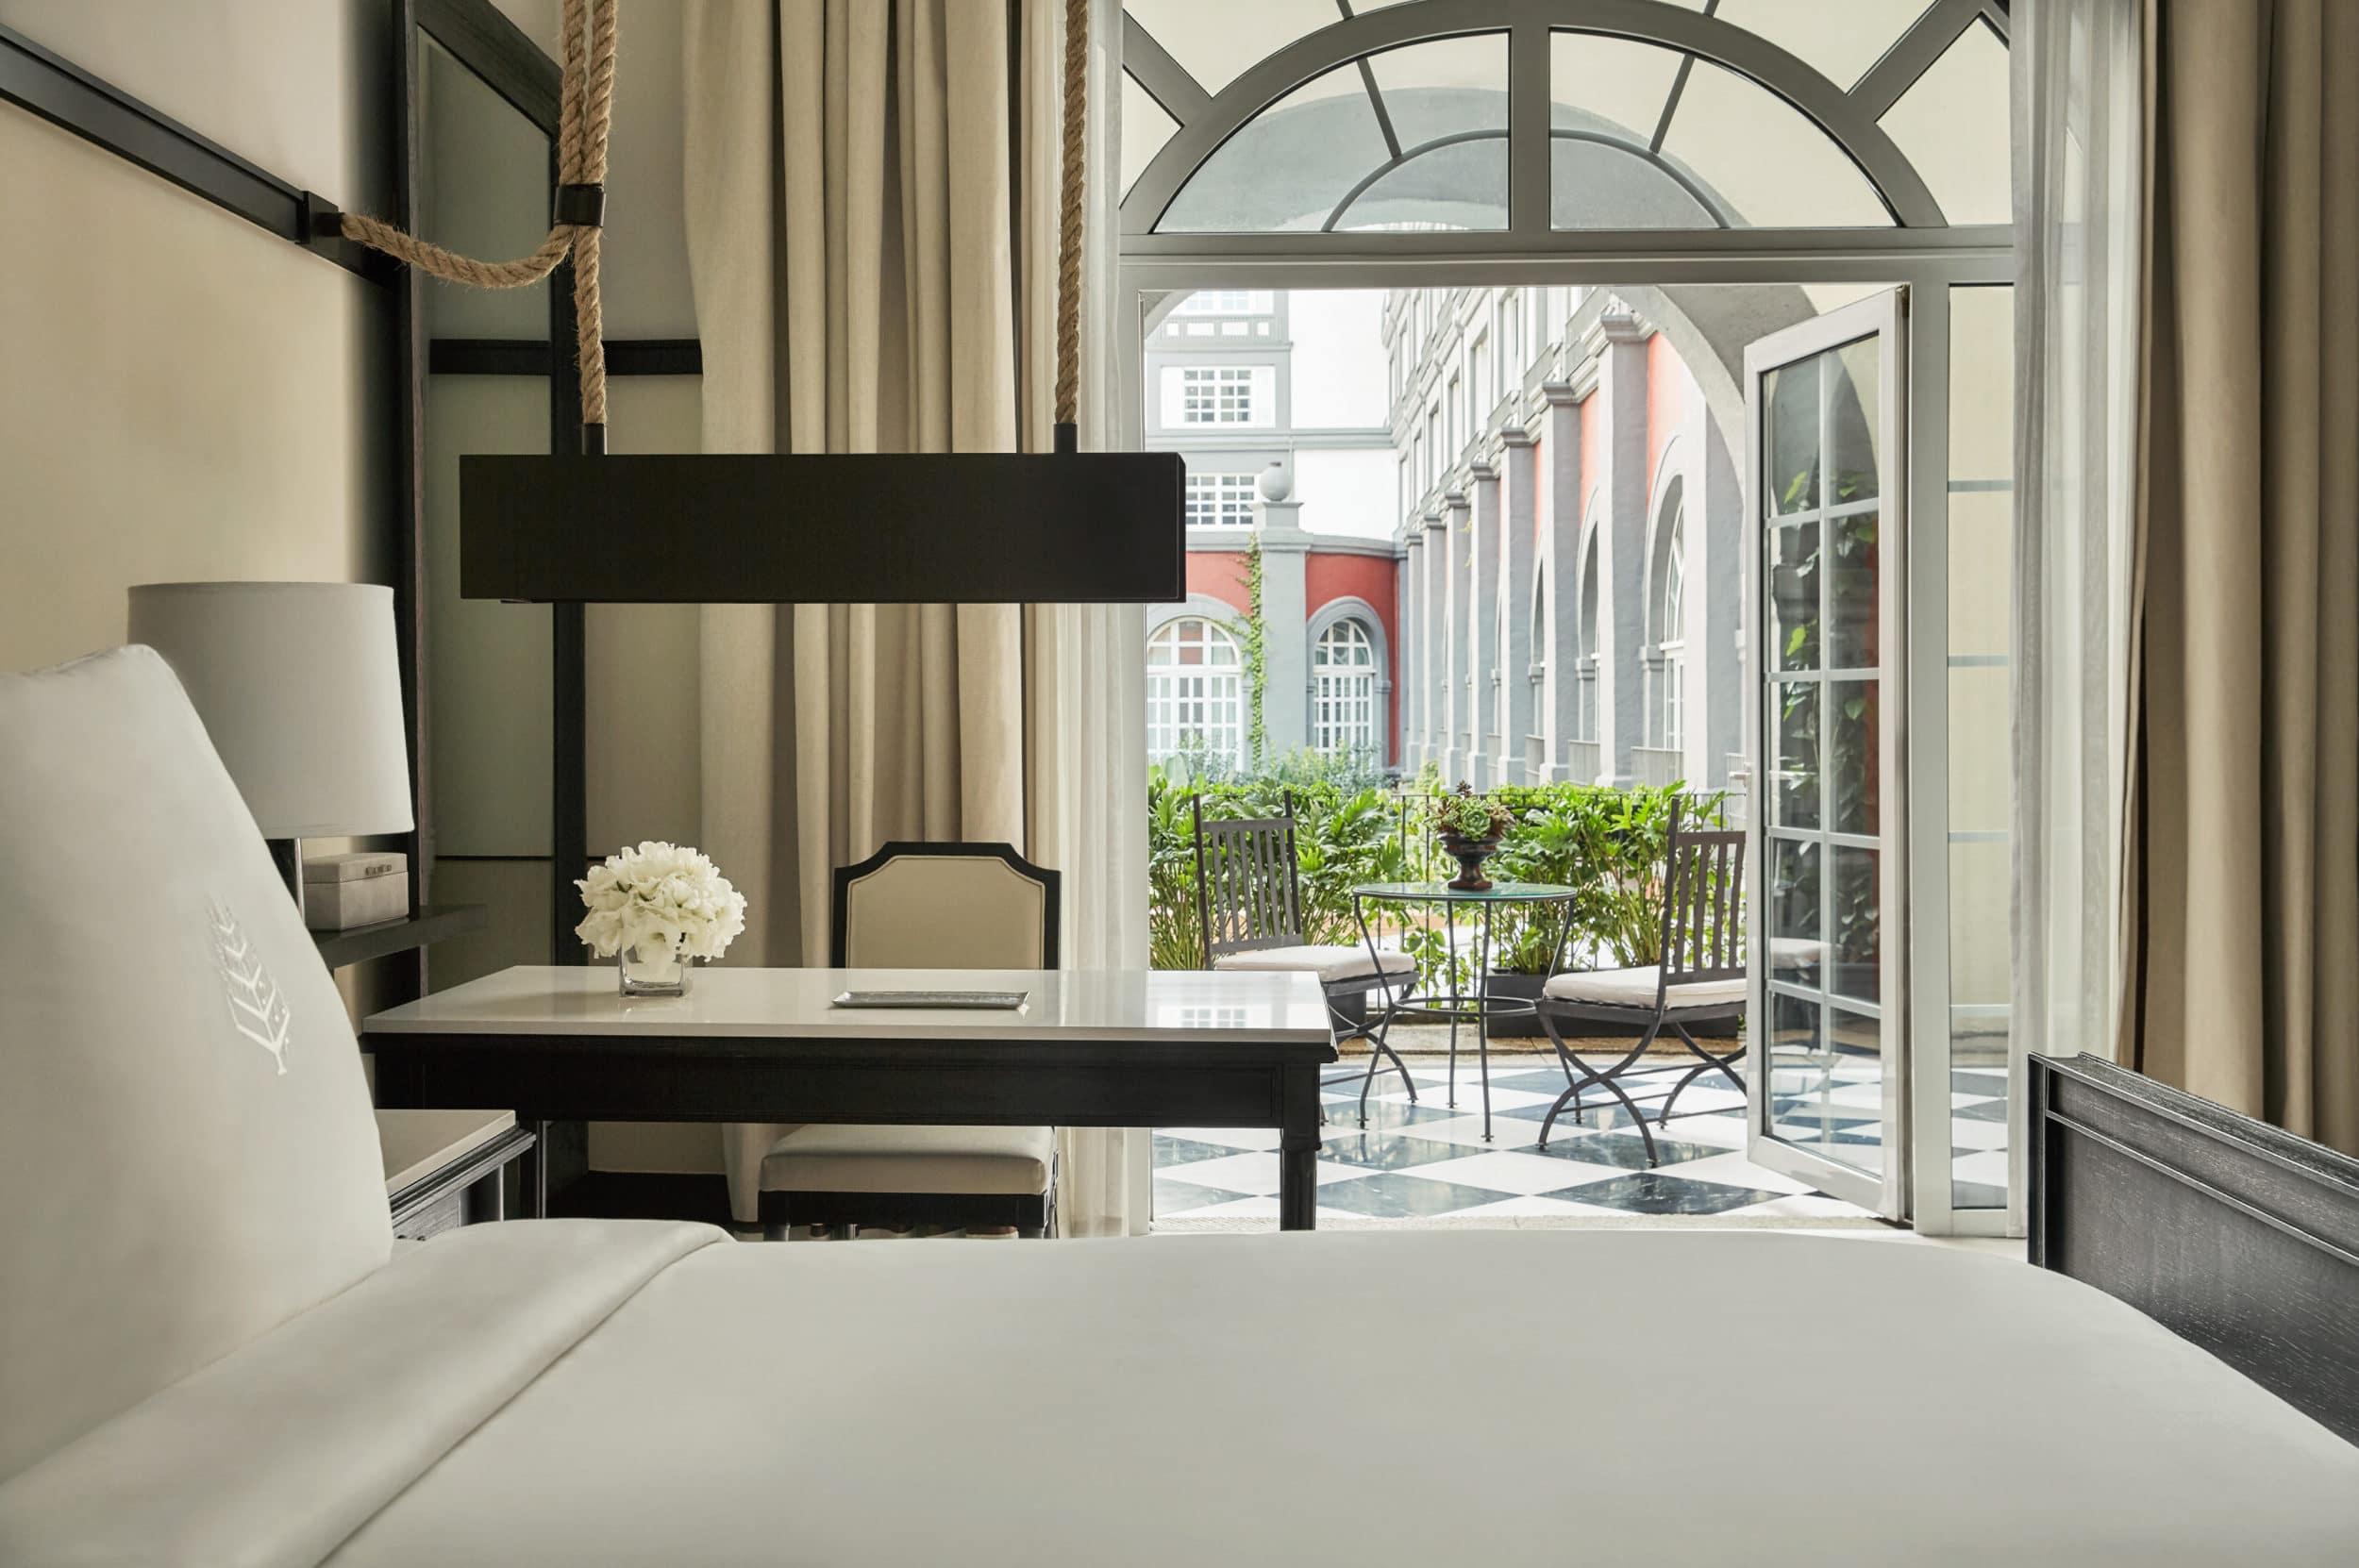 Four Seasons Mexico City Premier Terrace Rooms